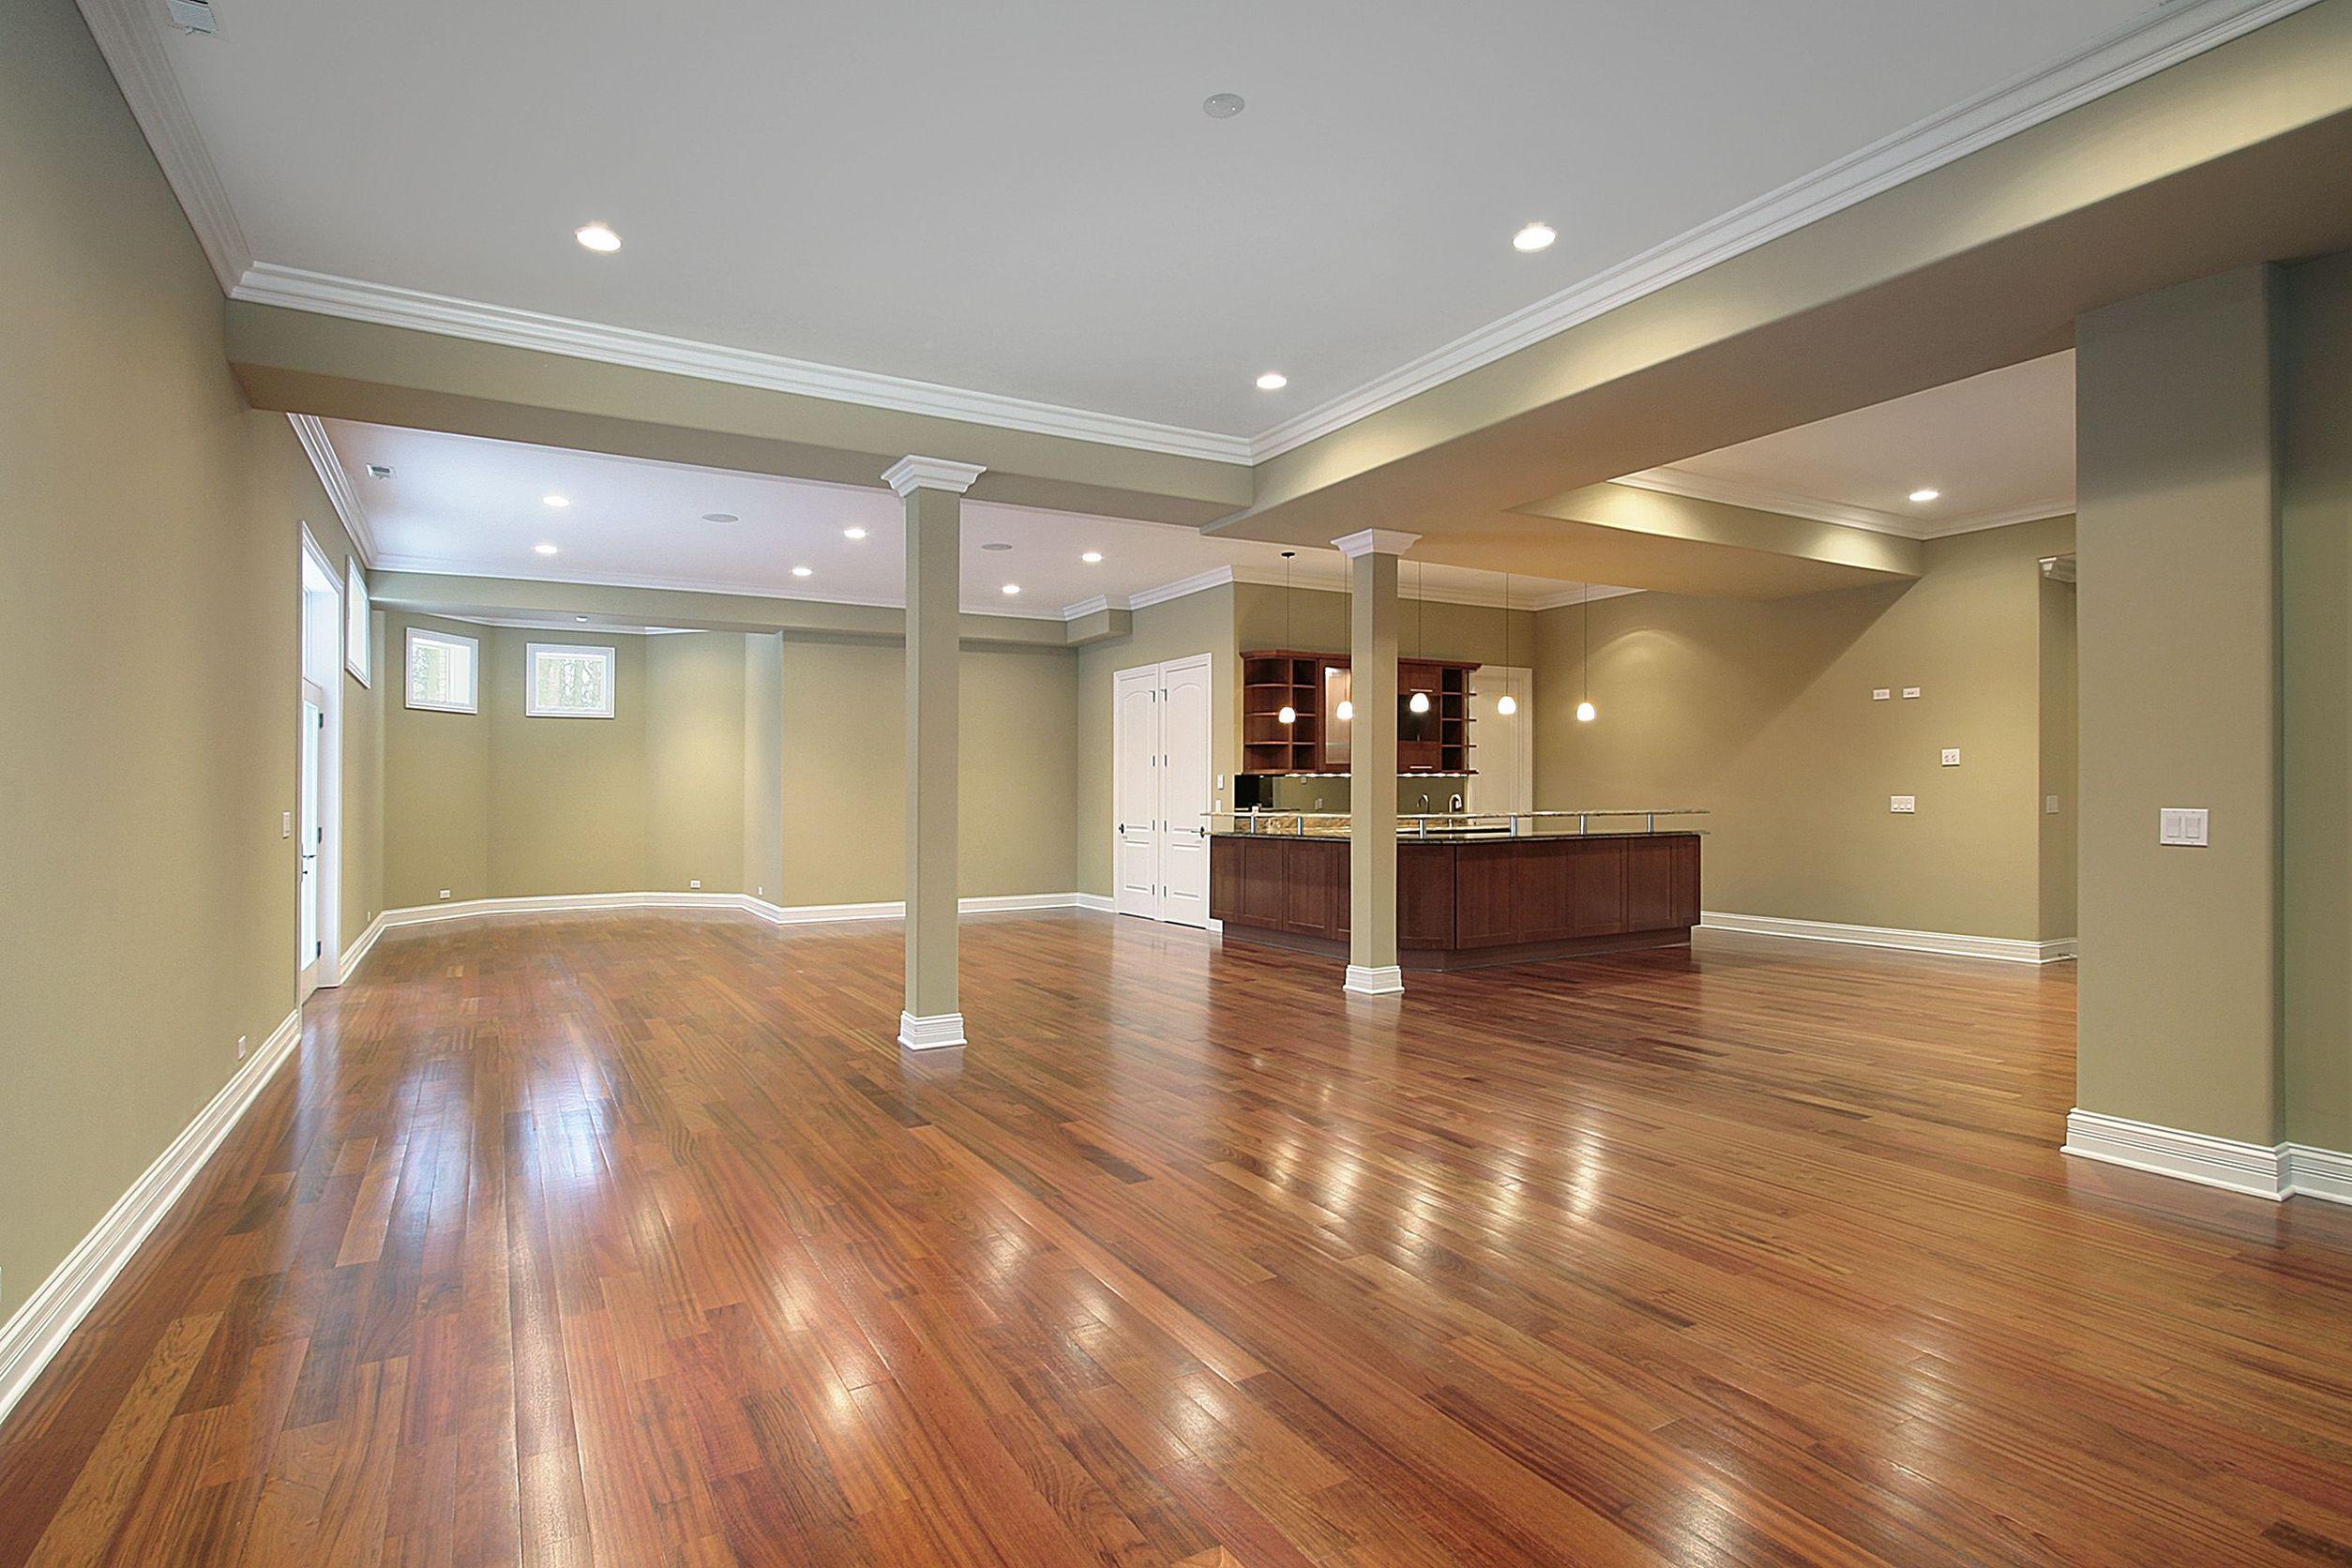 Installing Hardwood Floors on Concrete Slabs WoodFloorDoctorcom